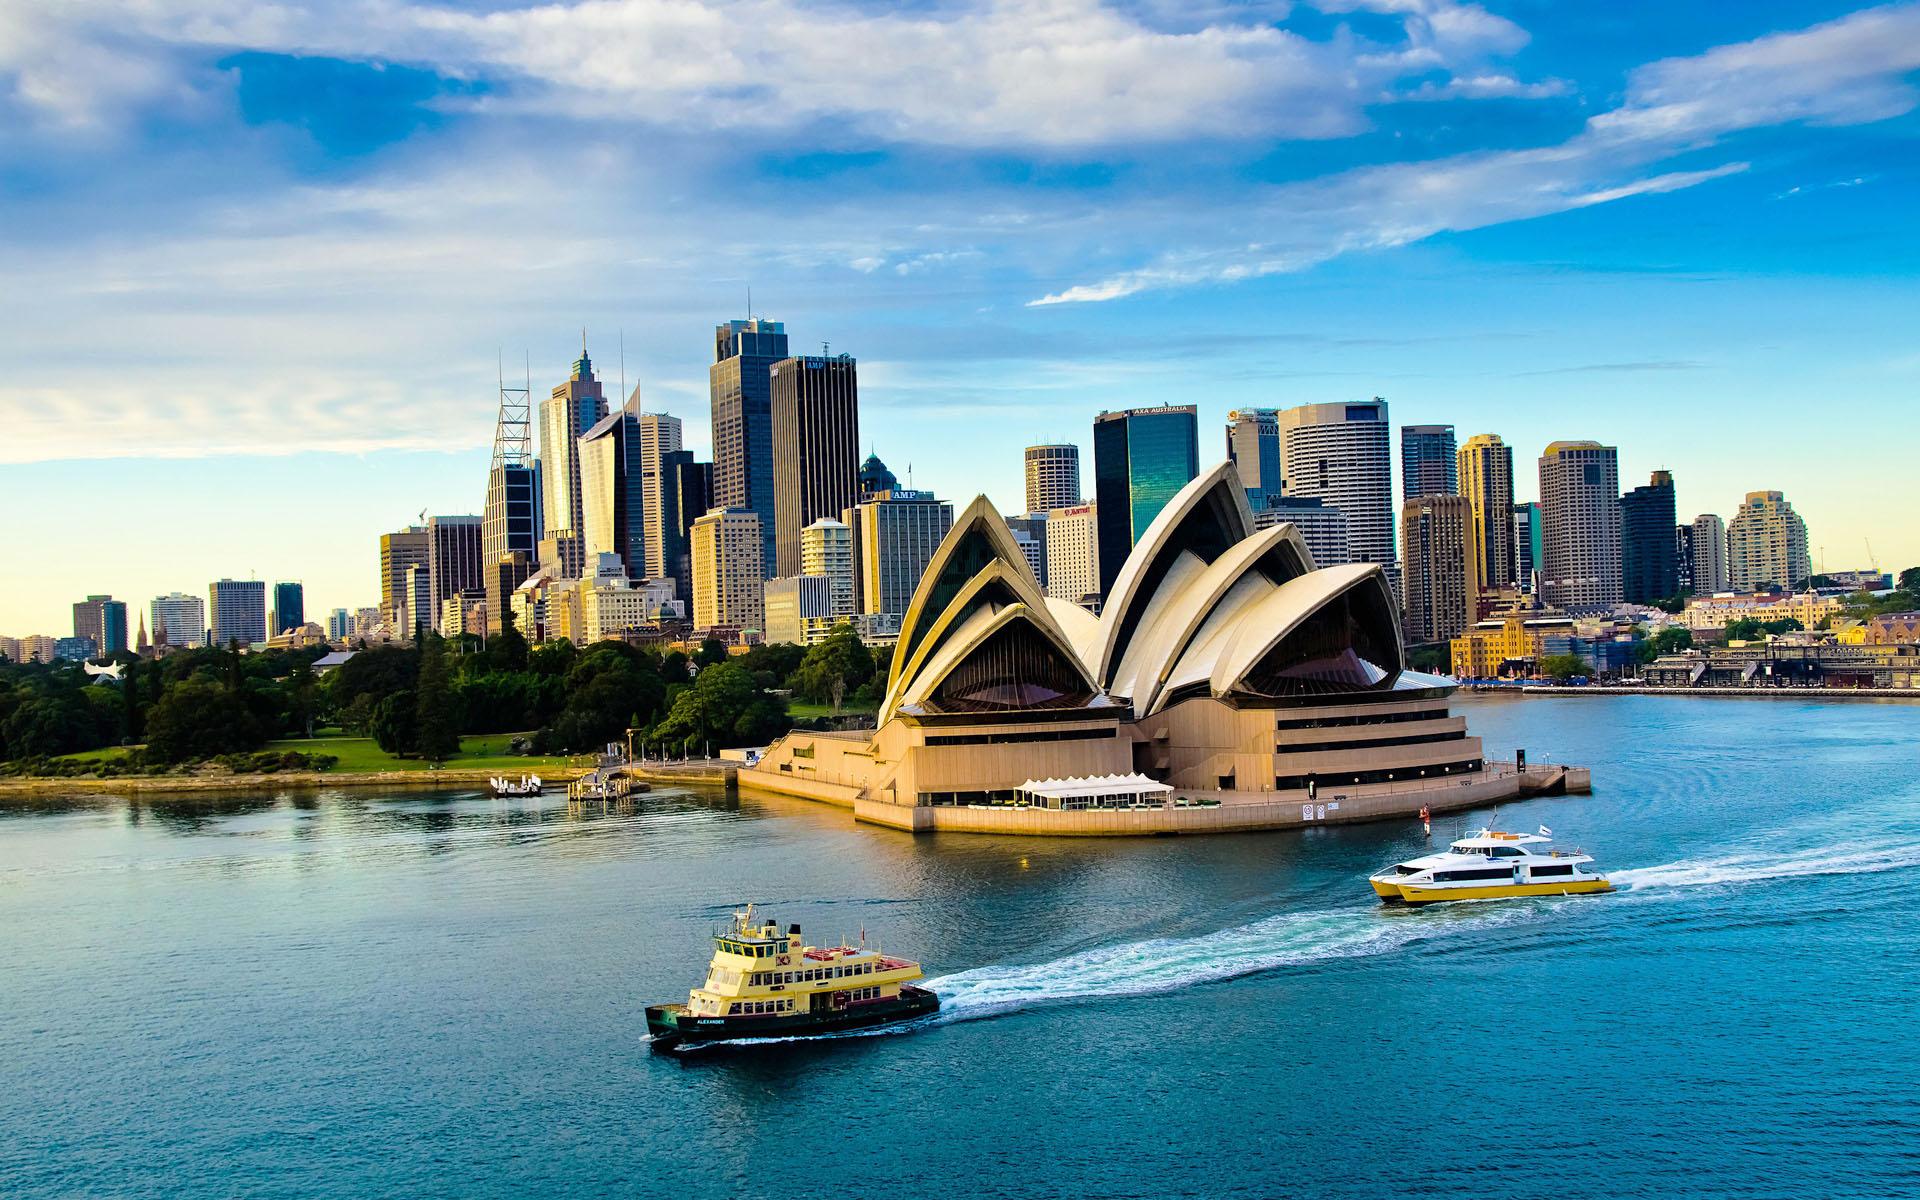 эти проблемы картинки и фотографии австралия всегда